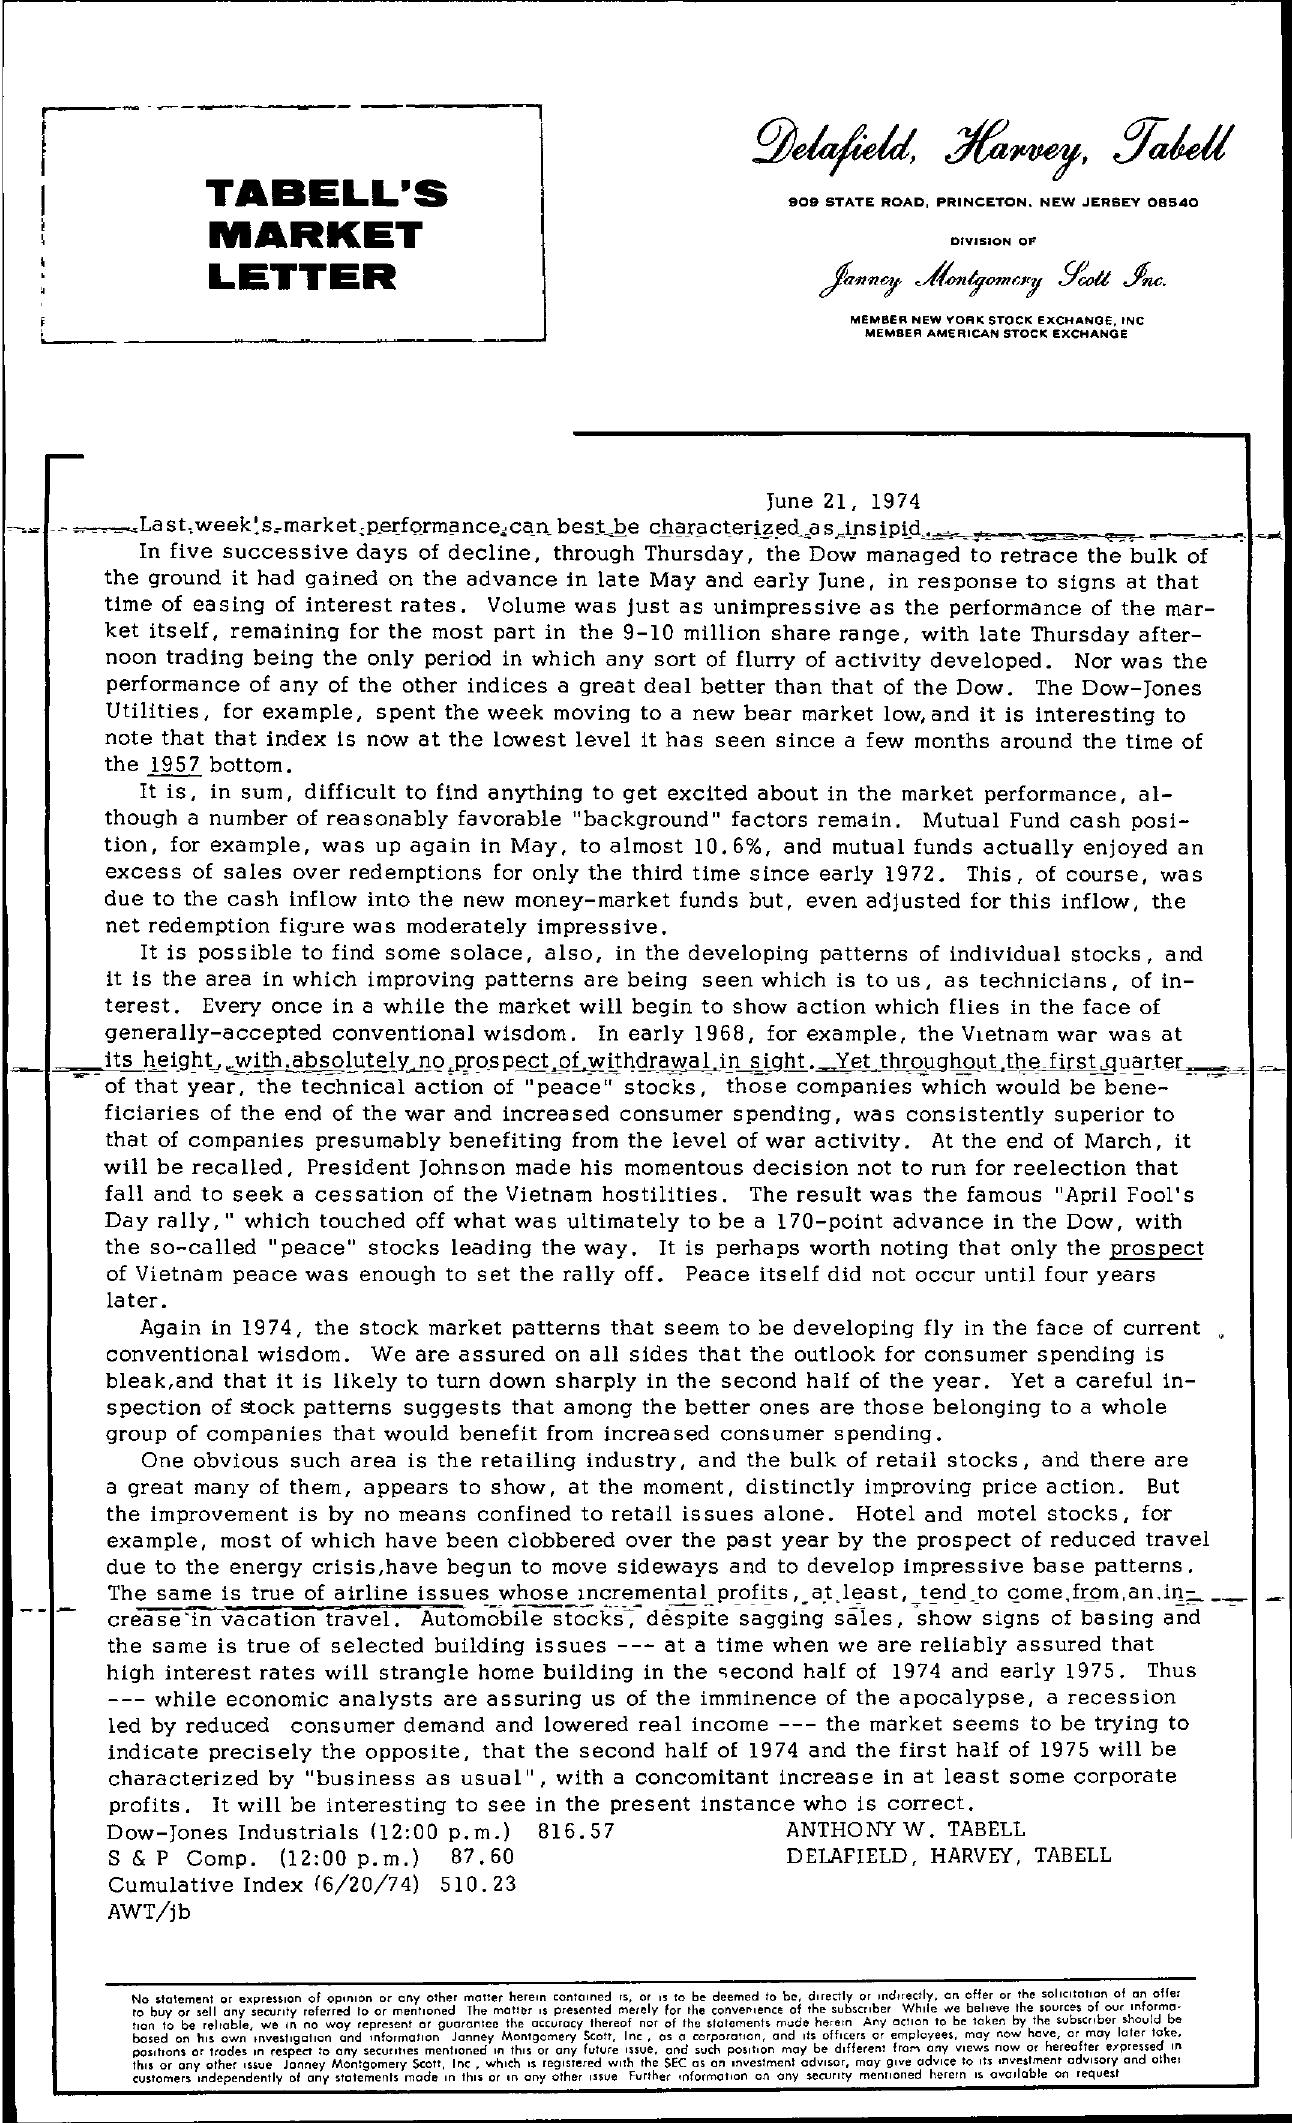 Tabell's Market Letter - June 21, 1974